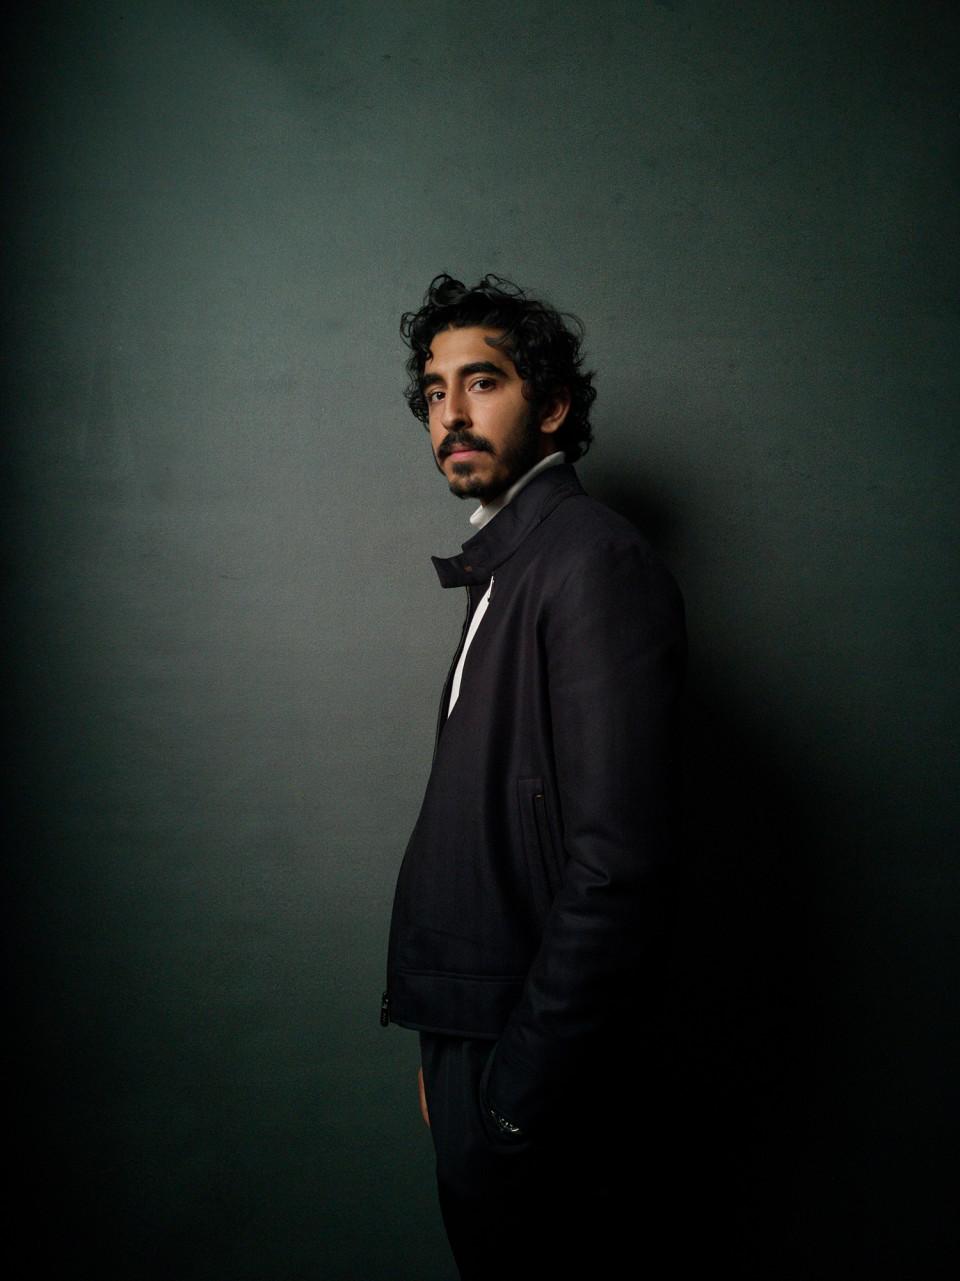 Ο Ντεβ Πατέλ πρωταγωνιστεί στο «Hotel Mumbai» που εξιστορεί όσα συνέβησαν στην τρομοκρατική επίθεση στη Βομβάη το 2008